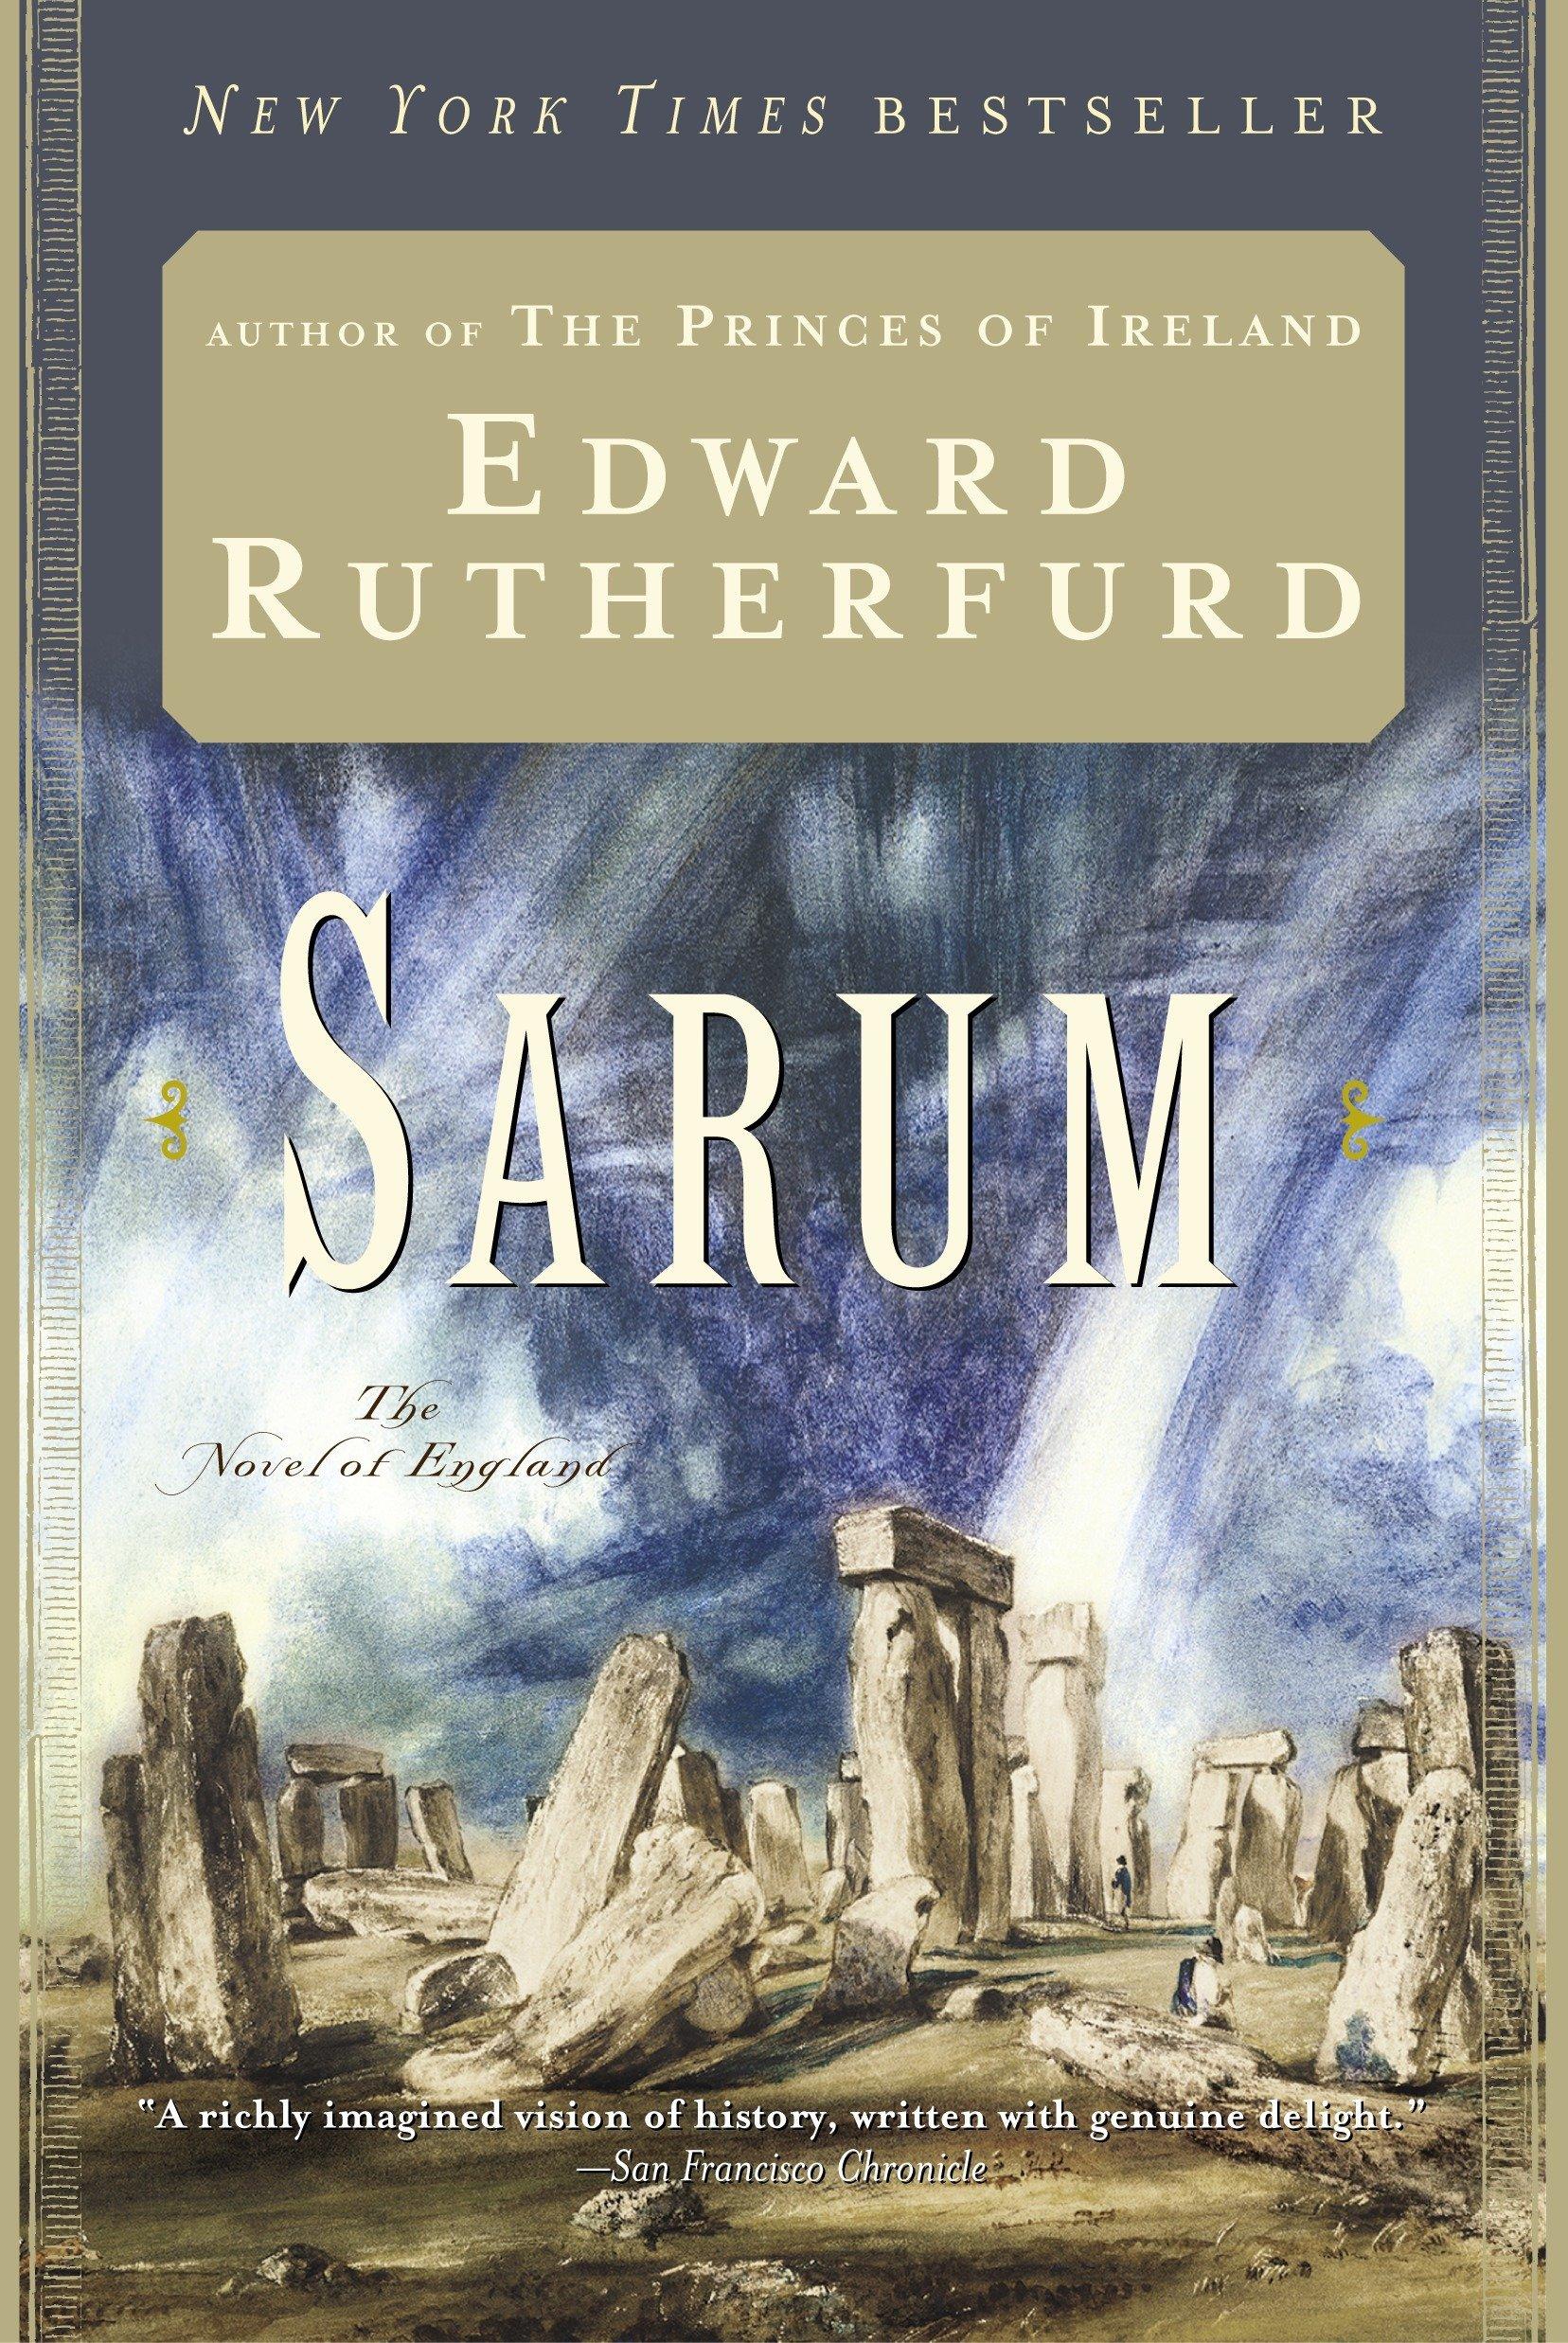 Sarum: The Novel of England: Amazon.es: Edward Rutherfurd: Libros en idiomas extranjeros